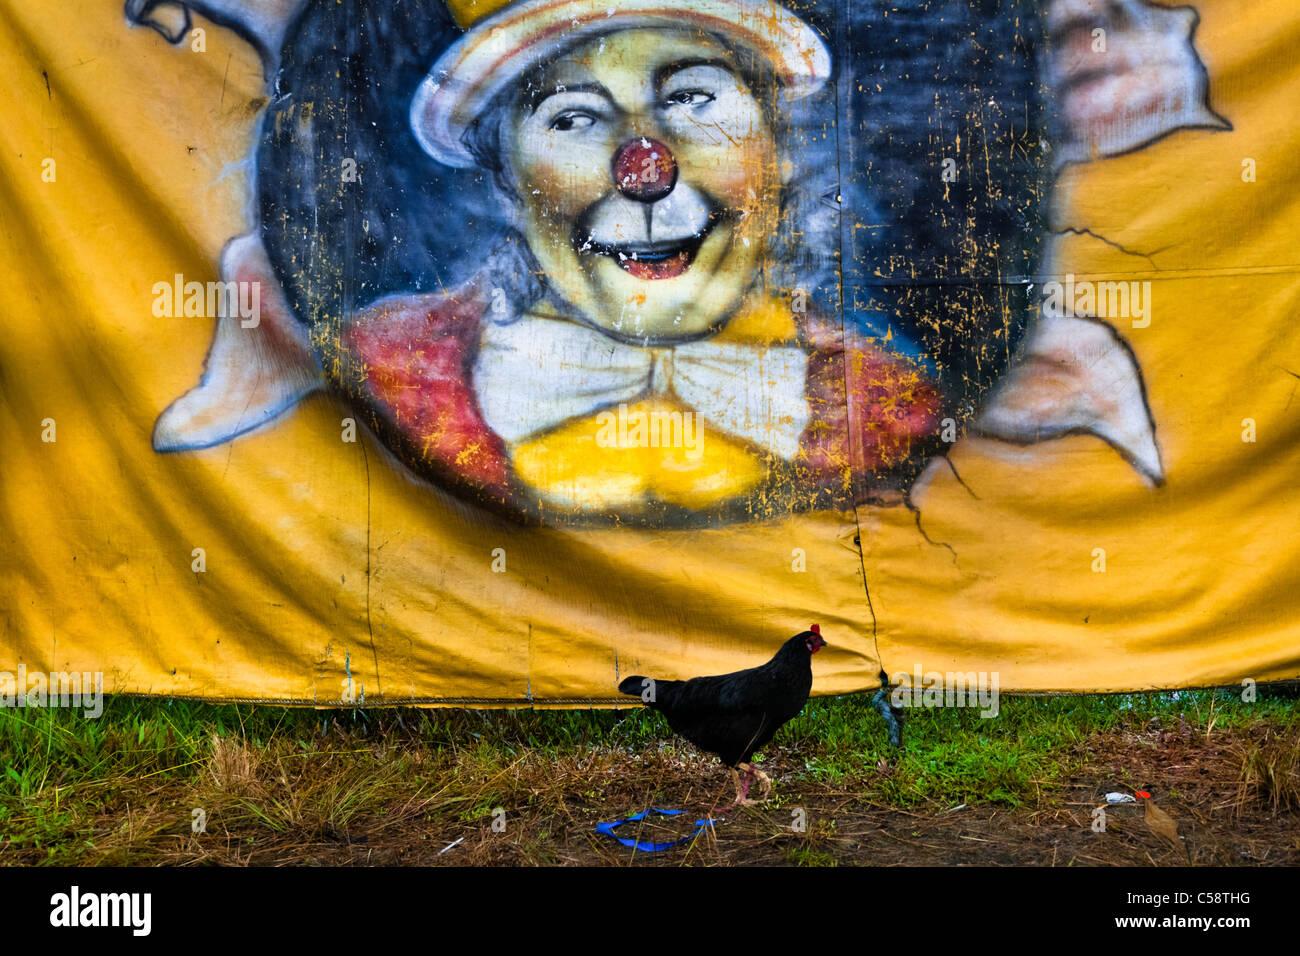 Ein Clown Bild Gemalt Auf Einem Zelt Des Circo Anny Ein Familiengefuhrtes Zirkus Wandering Das Amazonasgebiet Ecuadors Stockfotografie Alamy